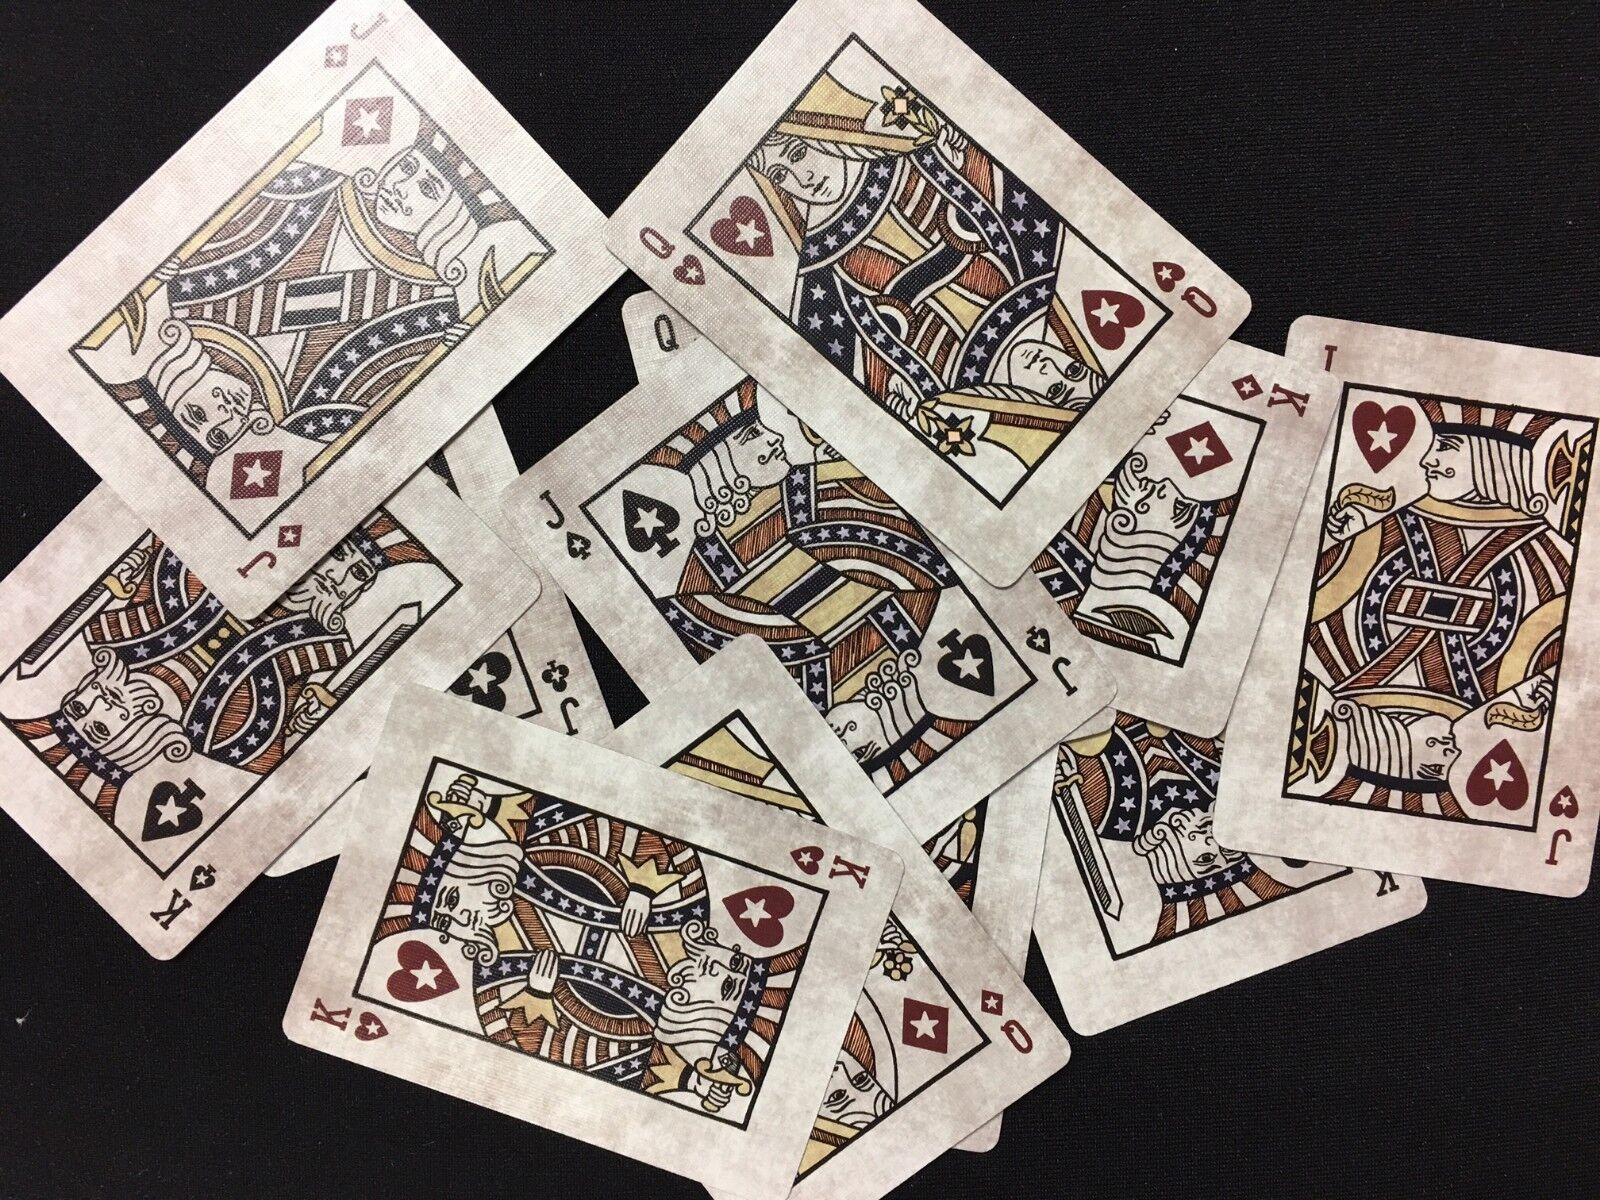 Hoyle playing cards poker size hard 8 craps